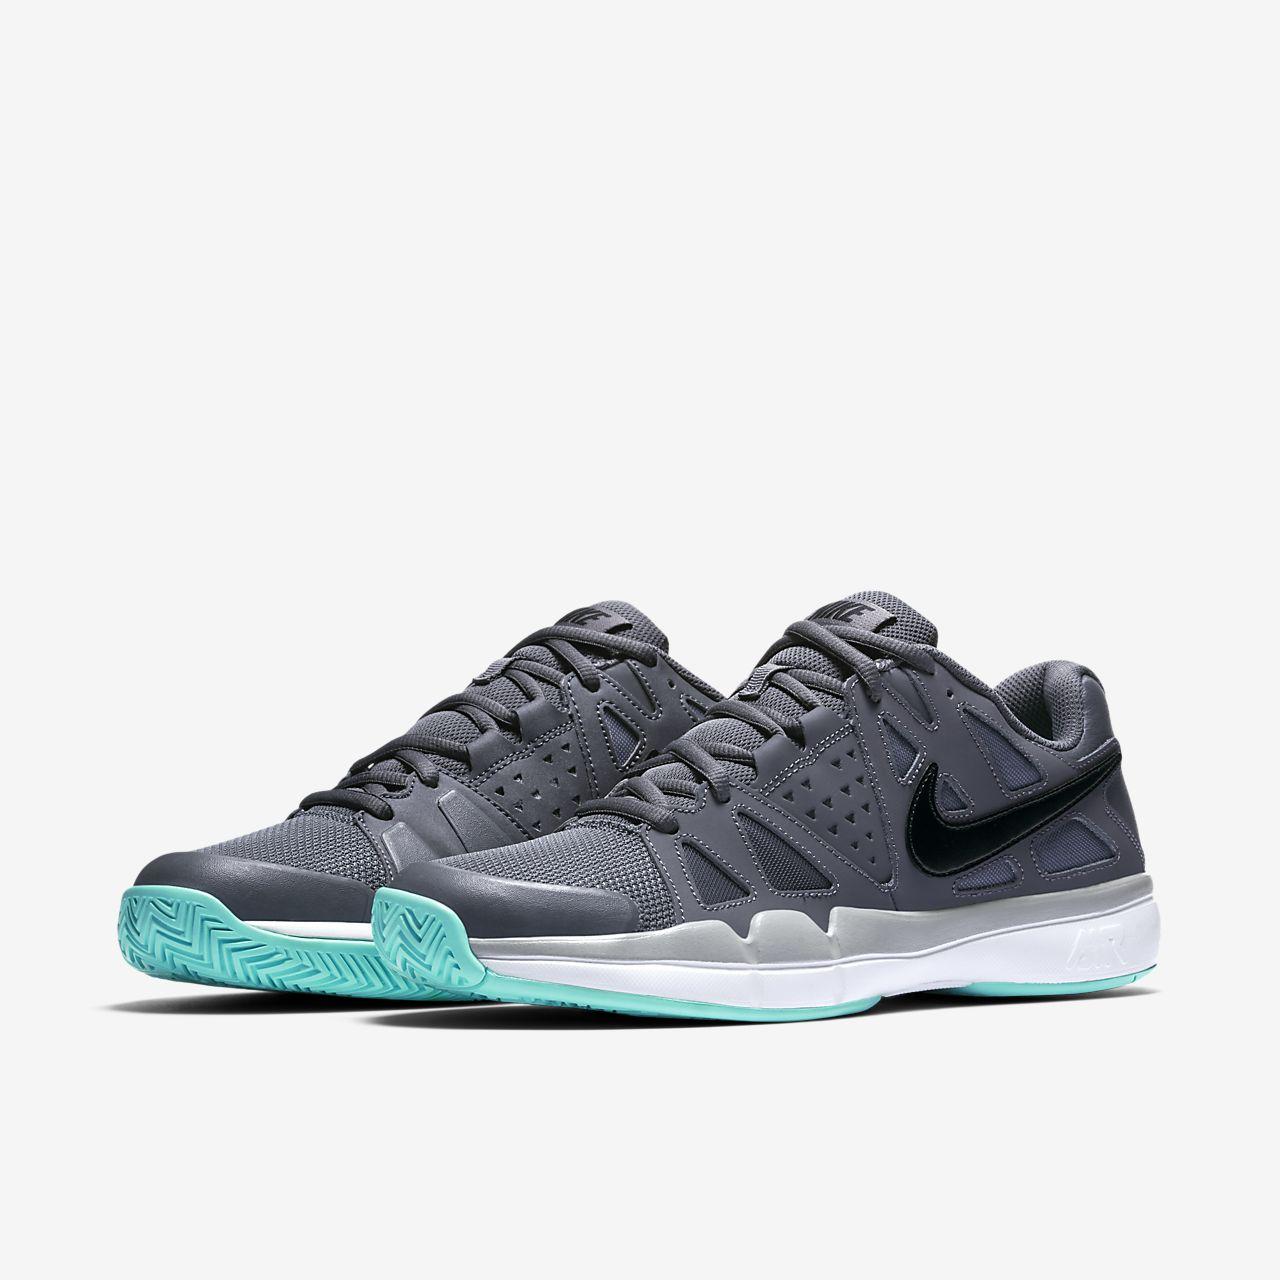 ... NikeCourt Air Vapor Advantage Men's Tennis Shoe